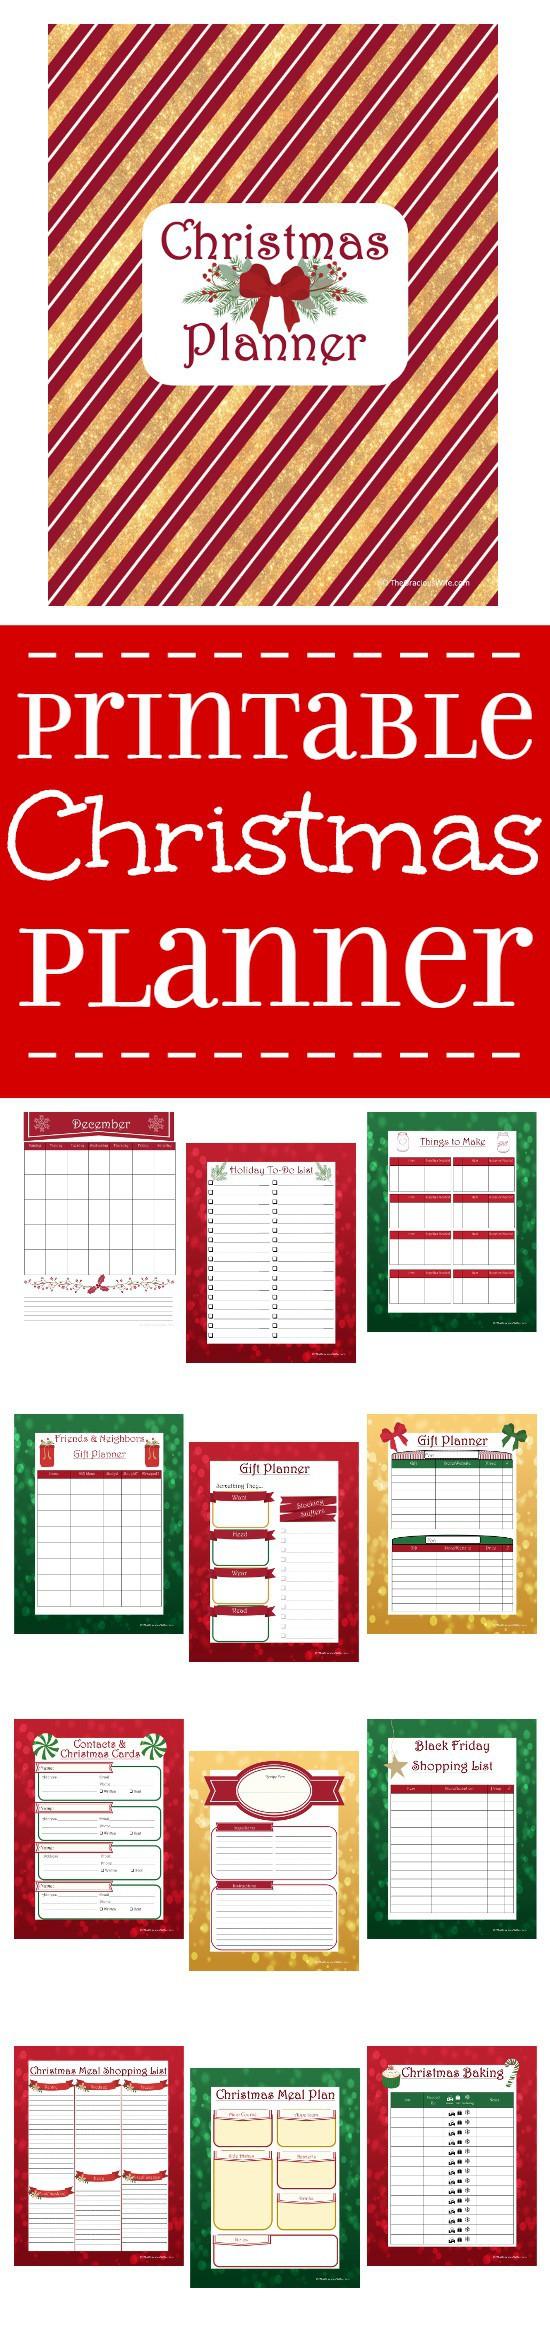 Printable Christmas Planner | The Gracious Wife